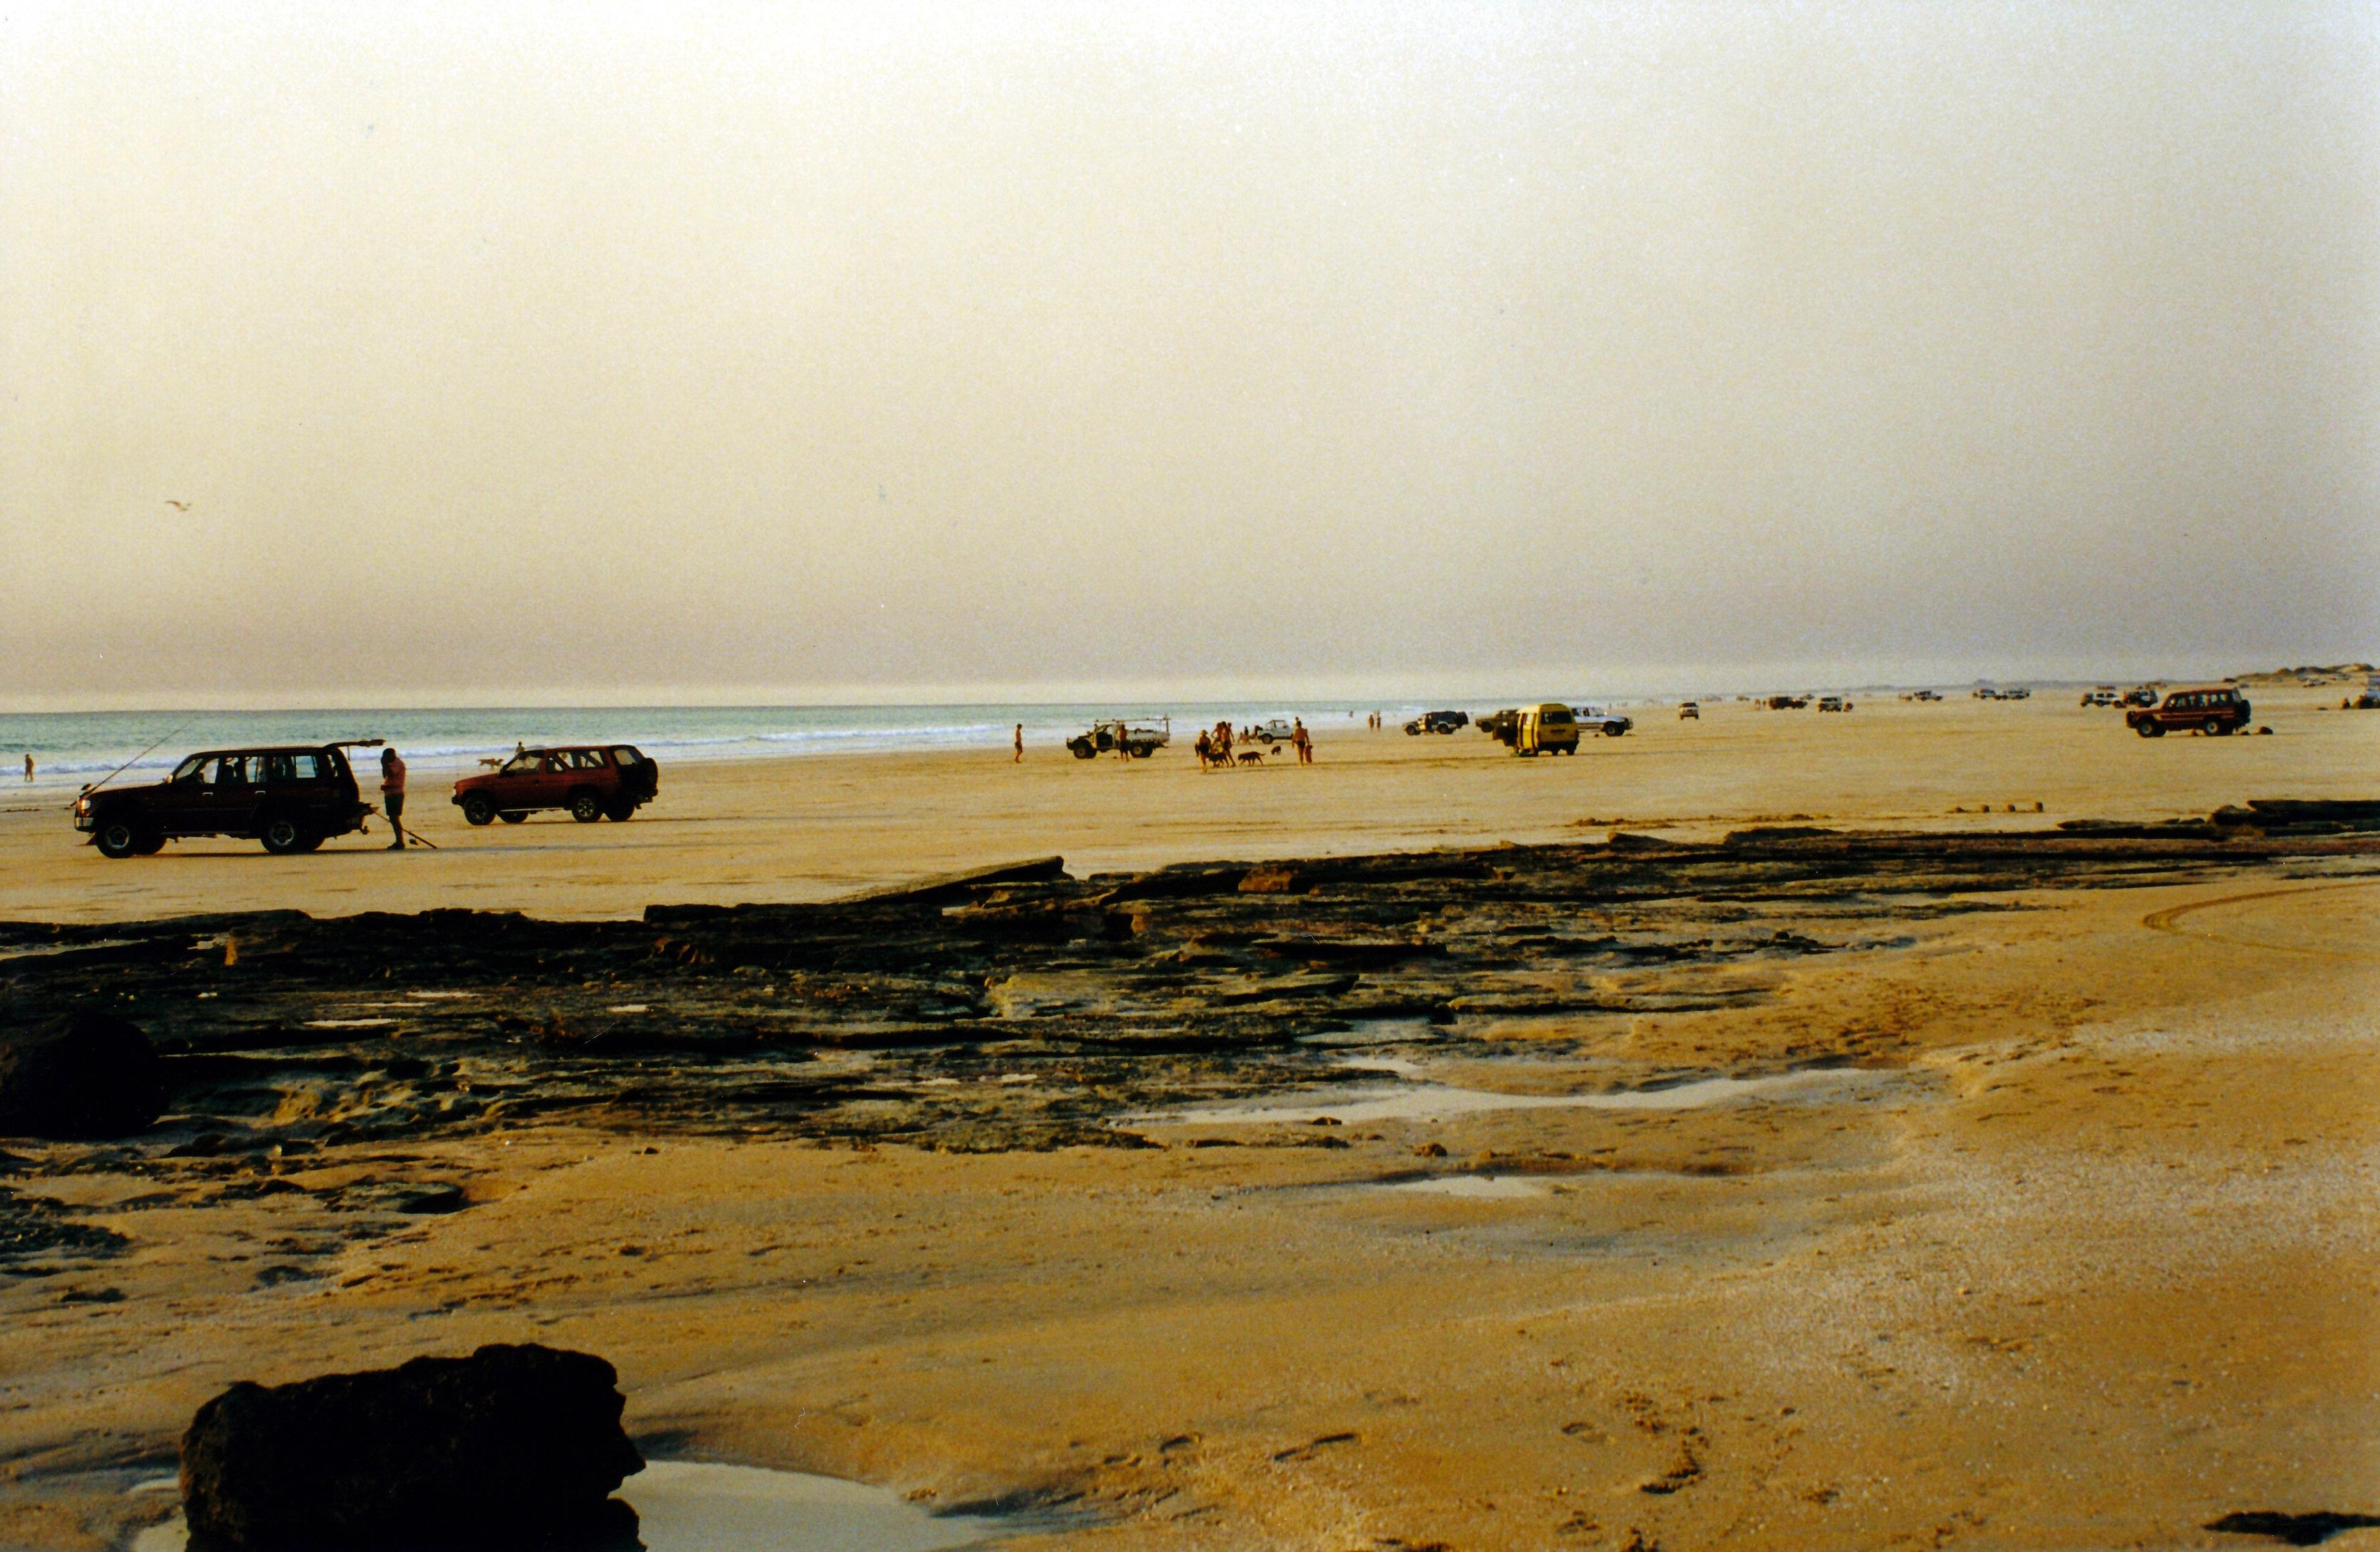 08-27-2000 cable beach near sunset.jpg